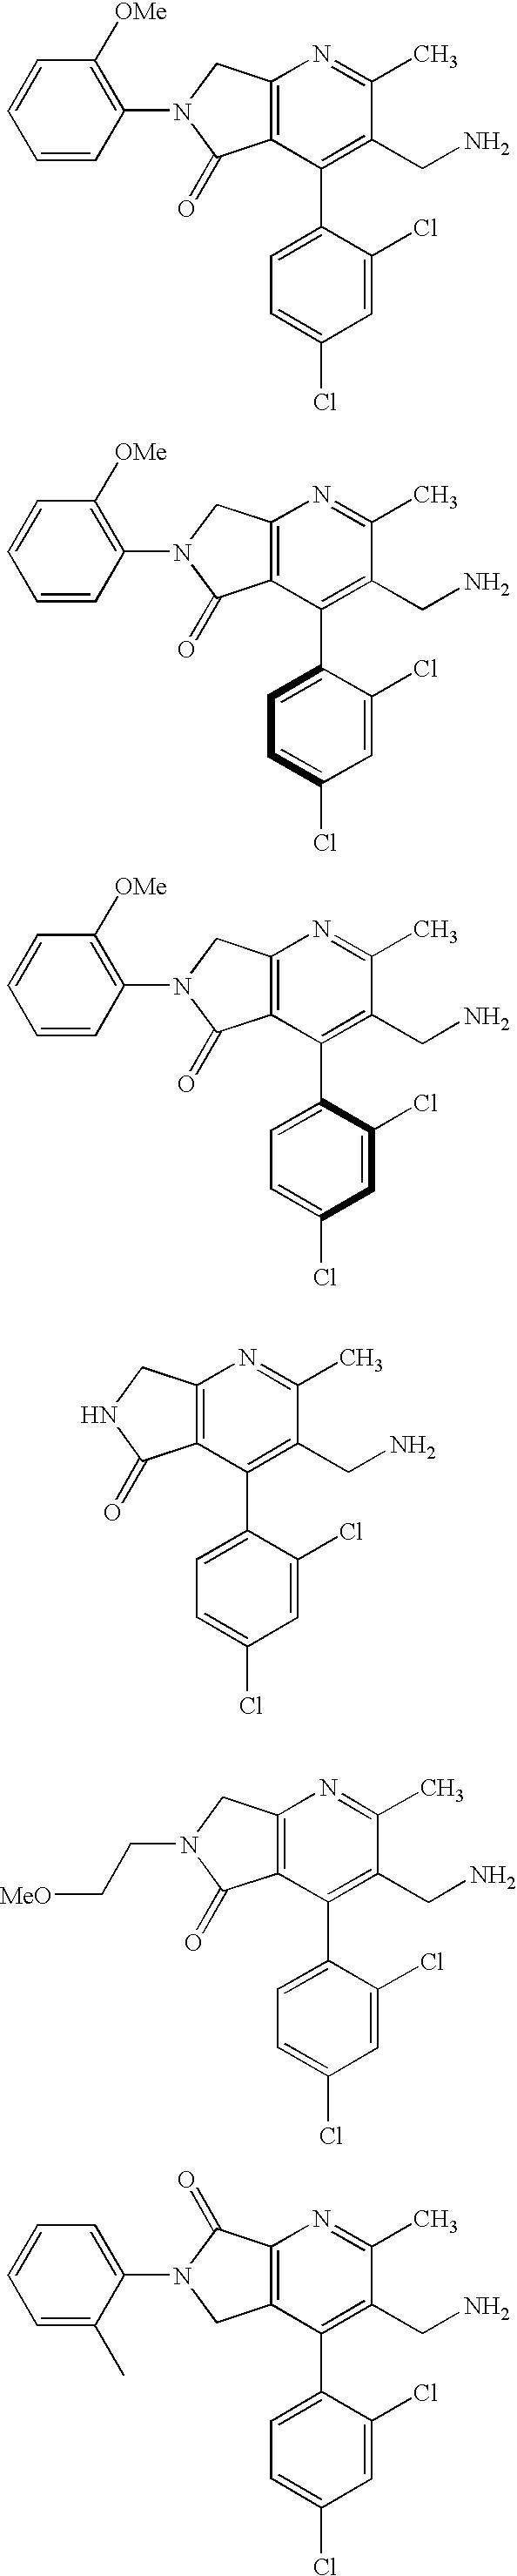 Figure US07521557-20090421-C00007